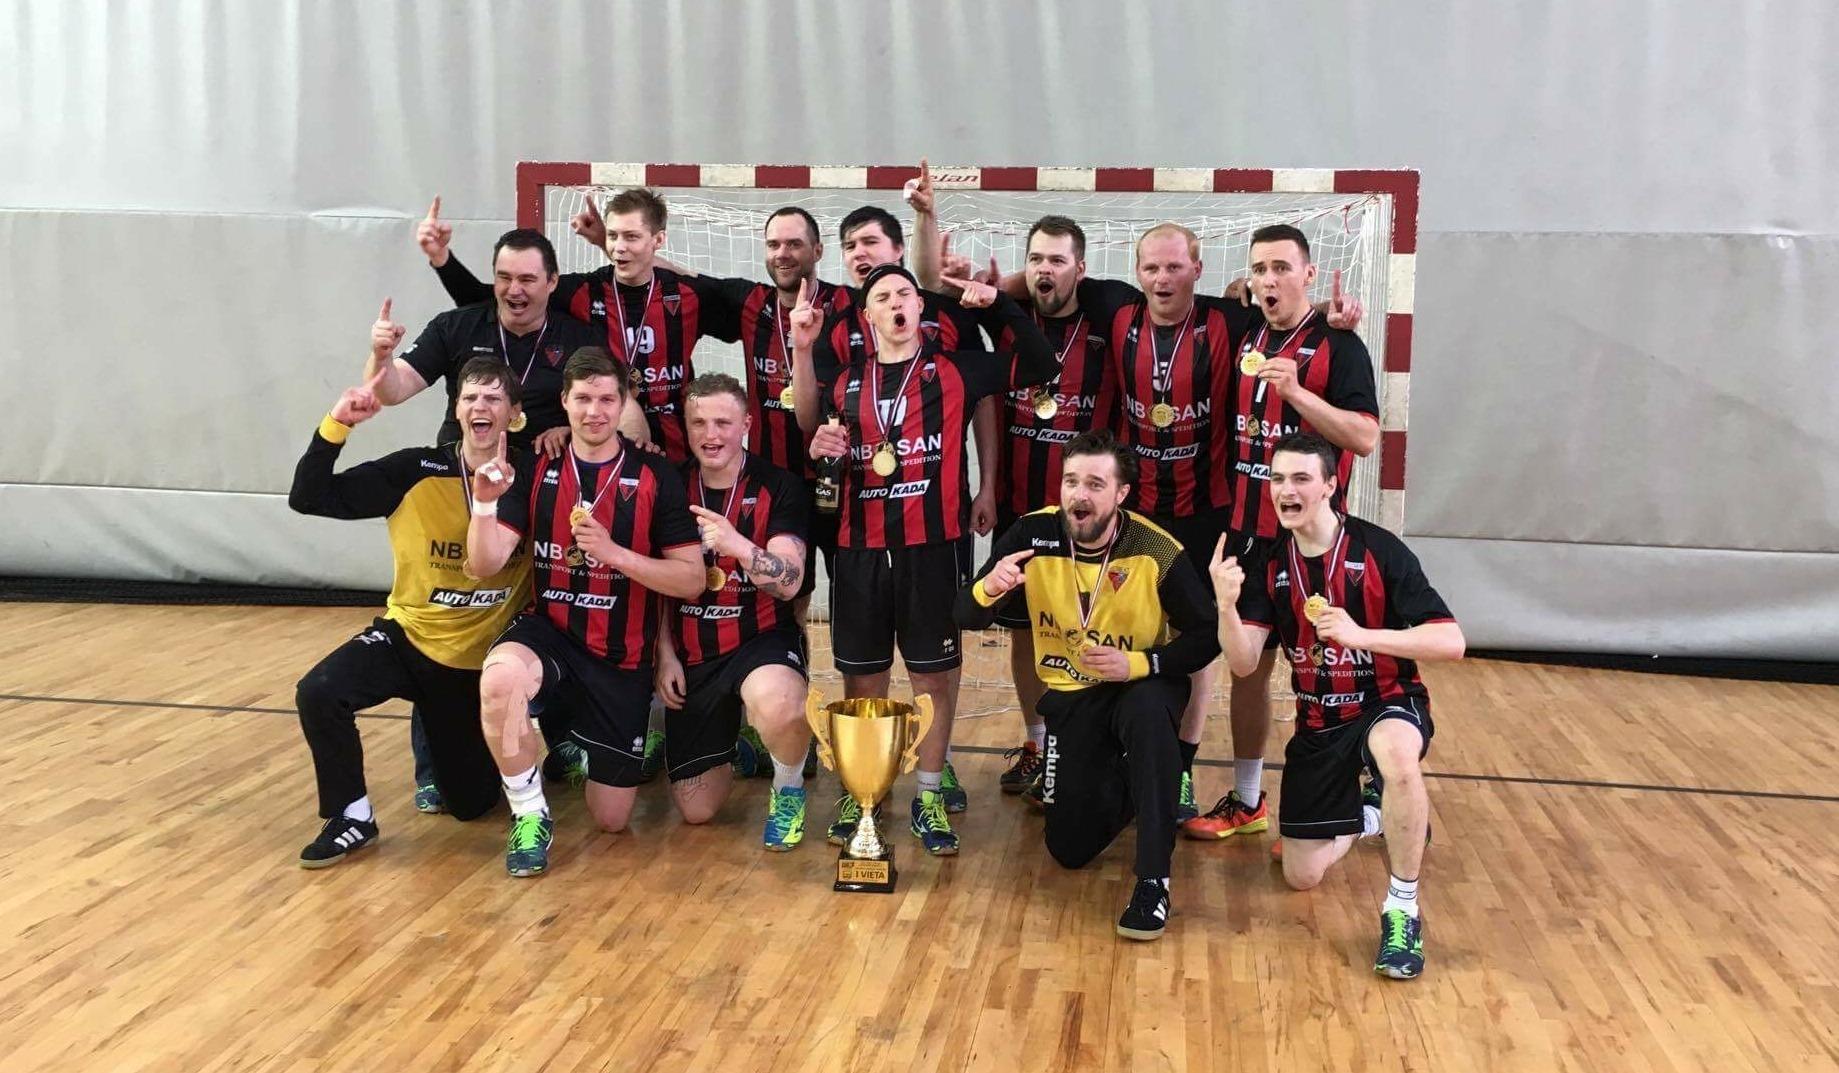 Celtnieks Rīga - Latvijas čempioni handbolā 2017